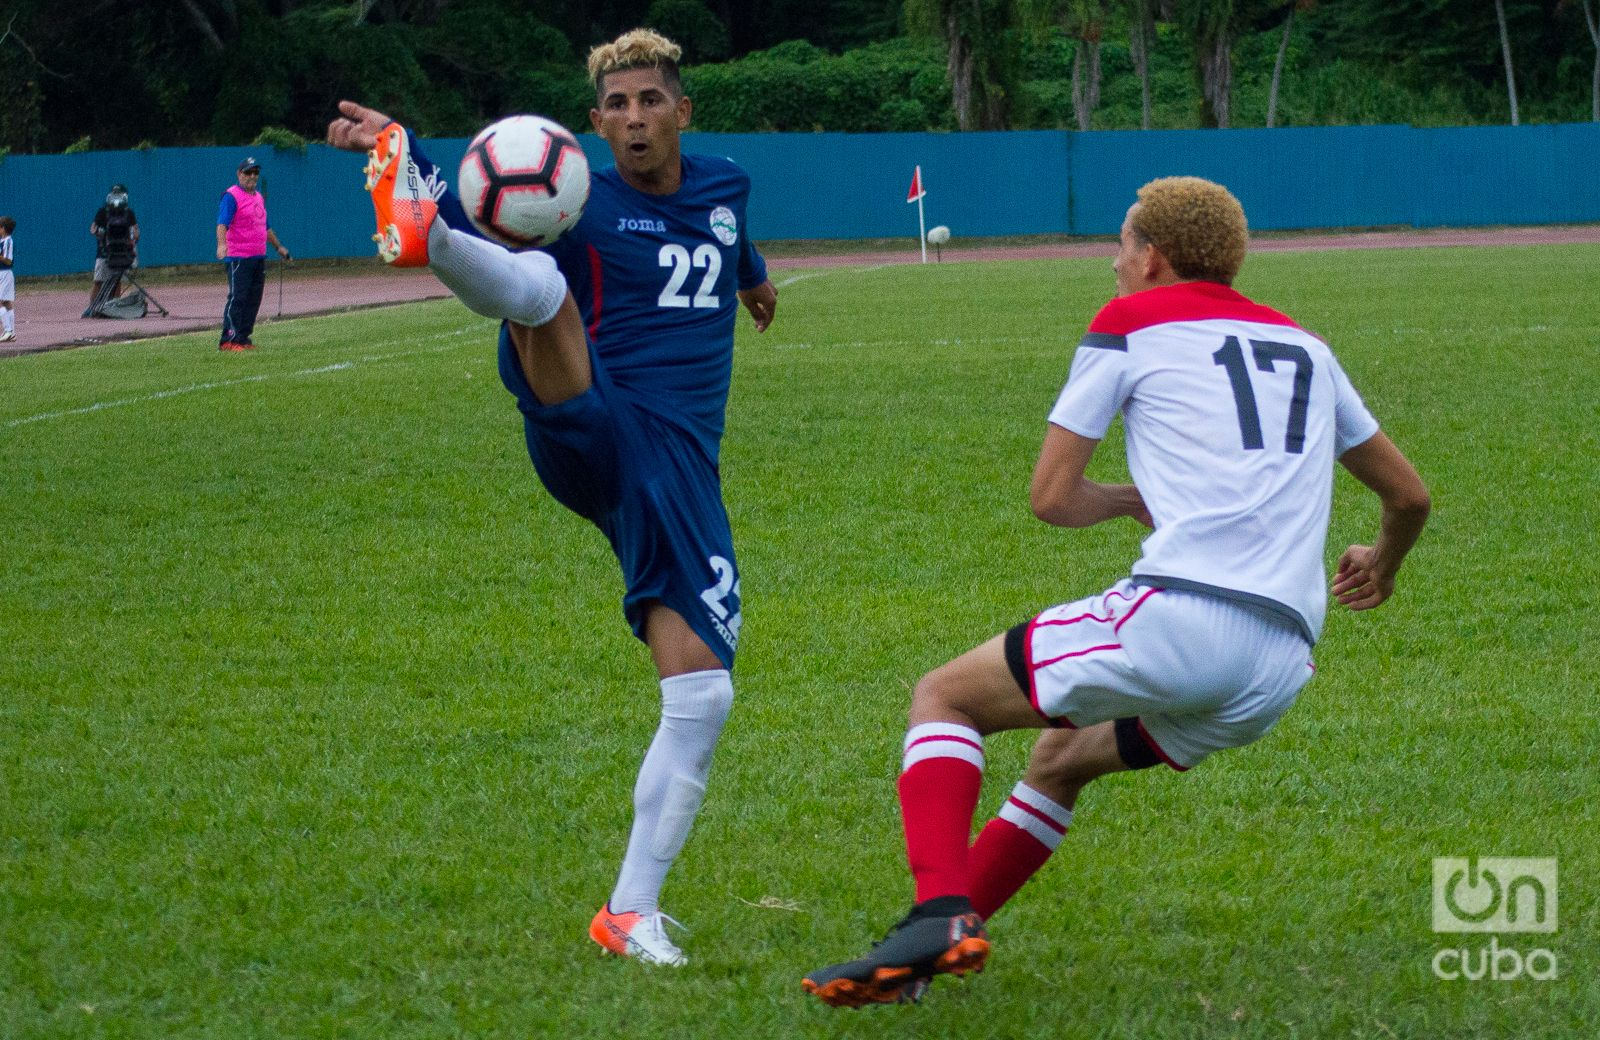 Los cubanos ansían regresar por todo lo alto a la Copa Oro, pero un buen resultado dependerá mucho de la convocatoria de los jugadores establecidos en ligas profesionales. Foto: Otmaro Rodríguez.